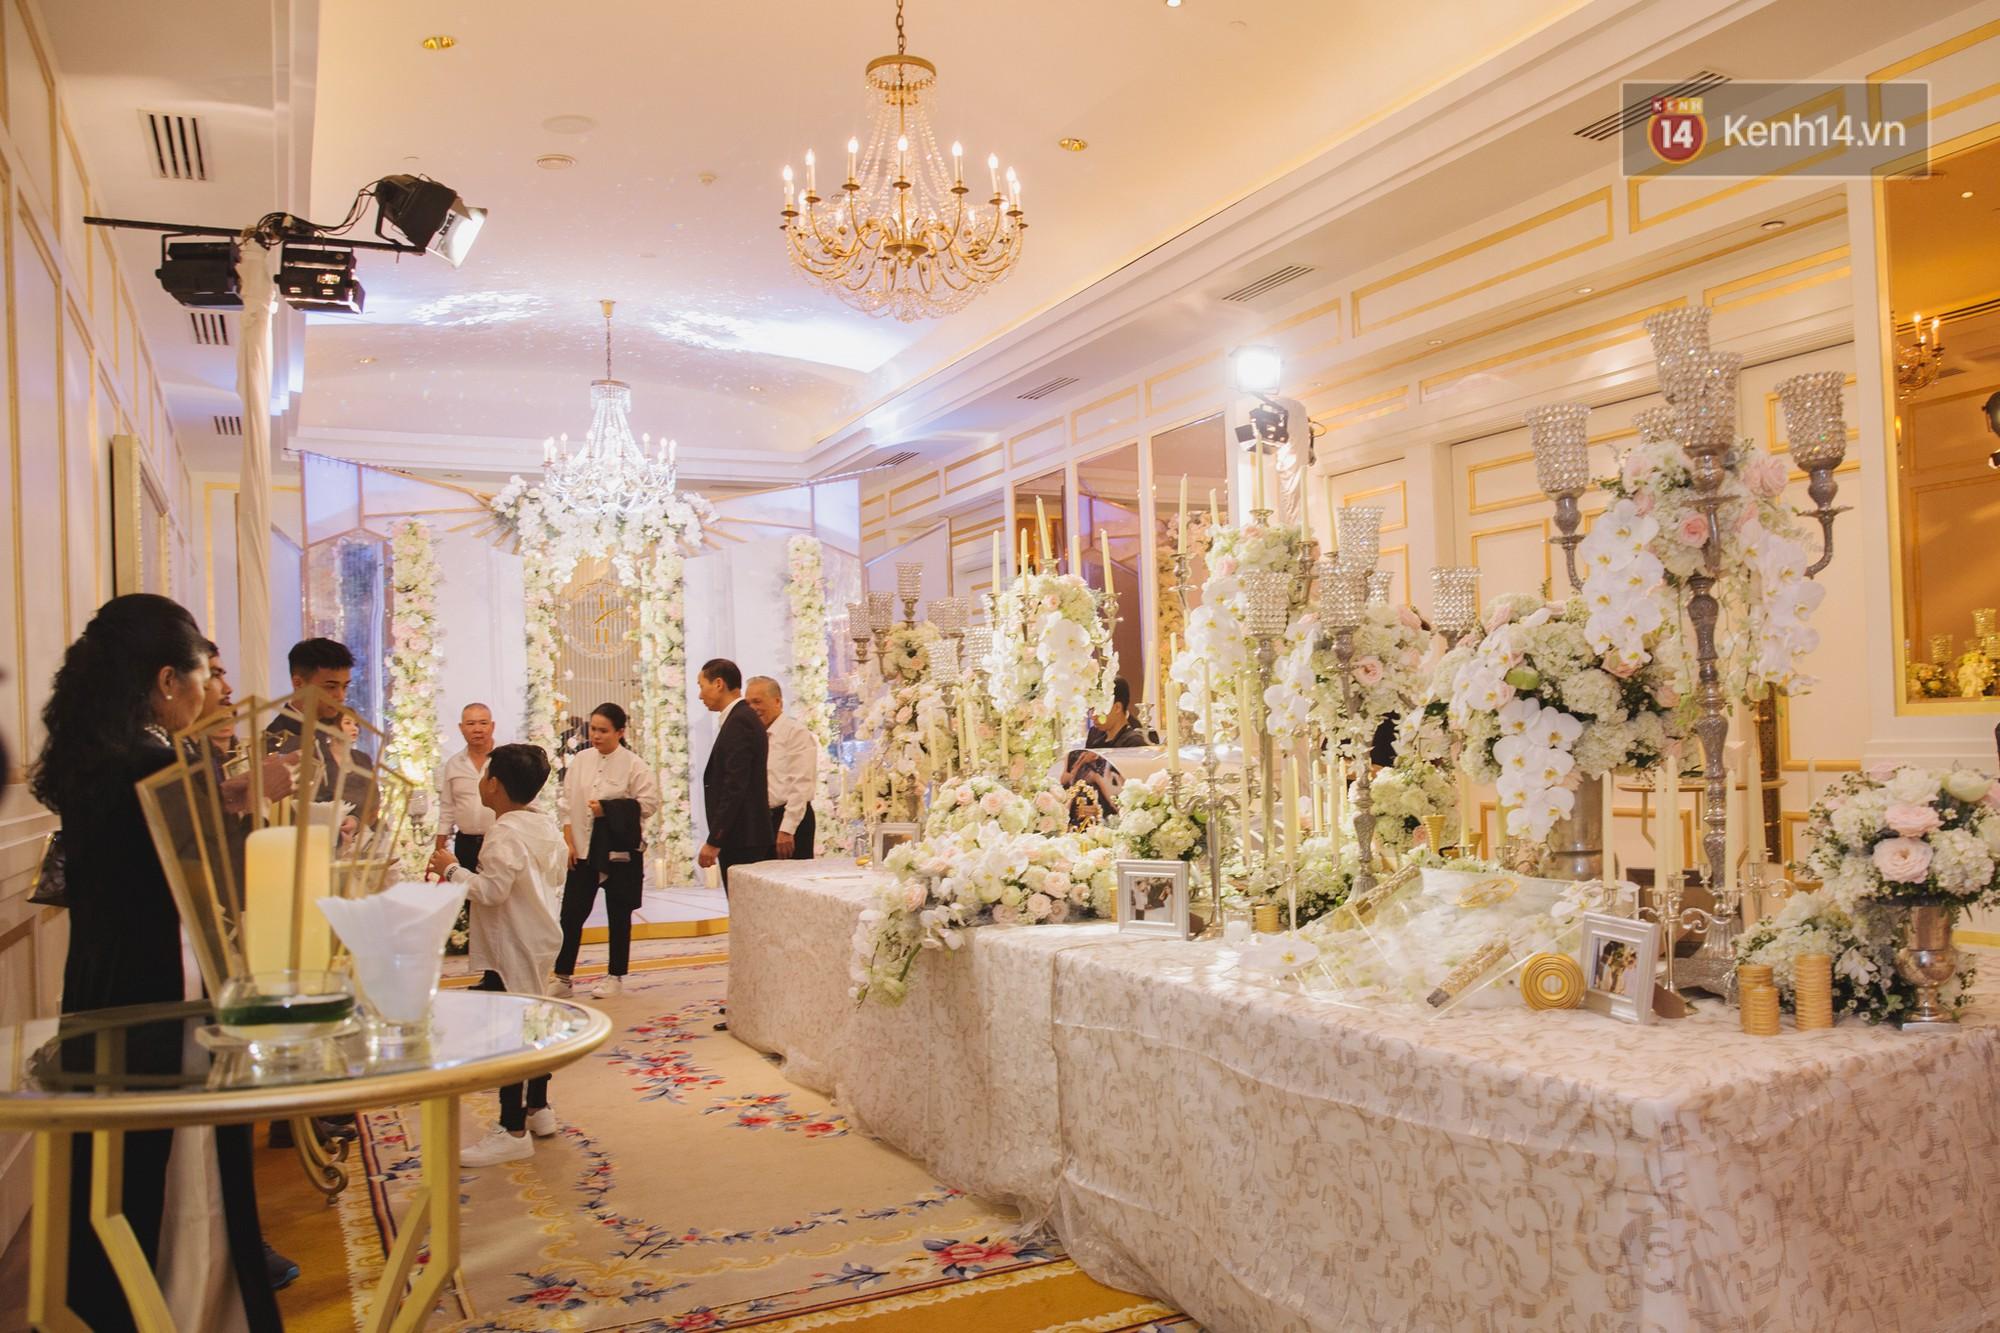 Hé lộ không gian cưới sang trọng của ca sĩ Lê Hiếu và bà xã Thu Trang - Ảnh 6.